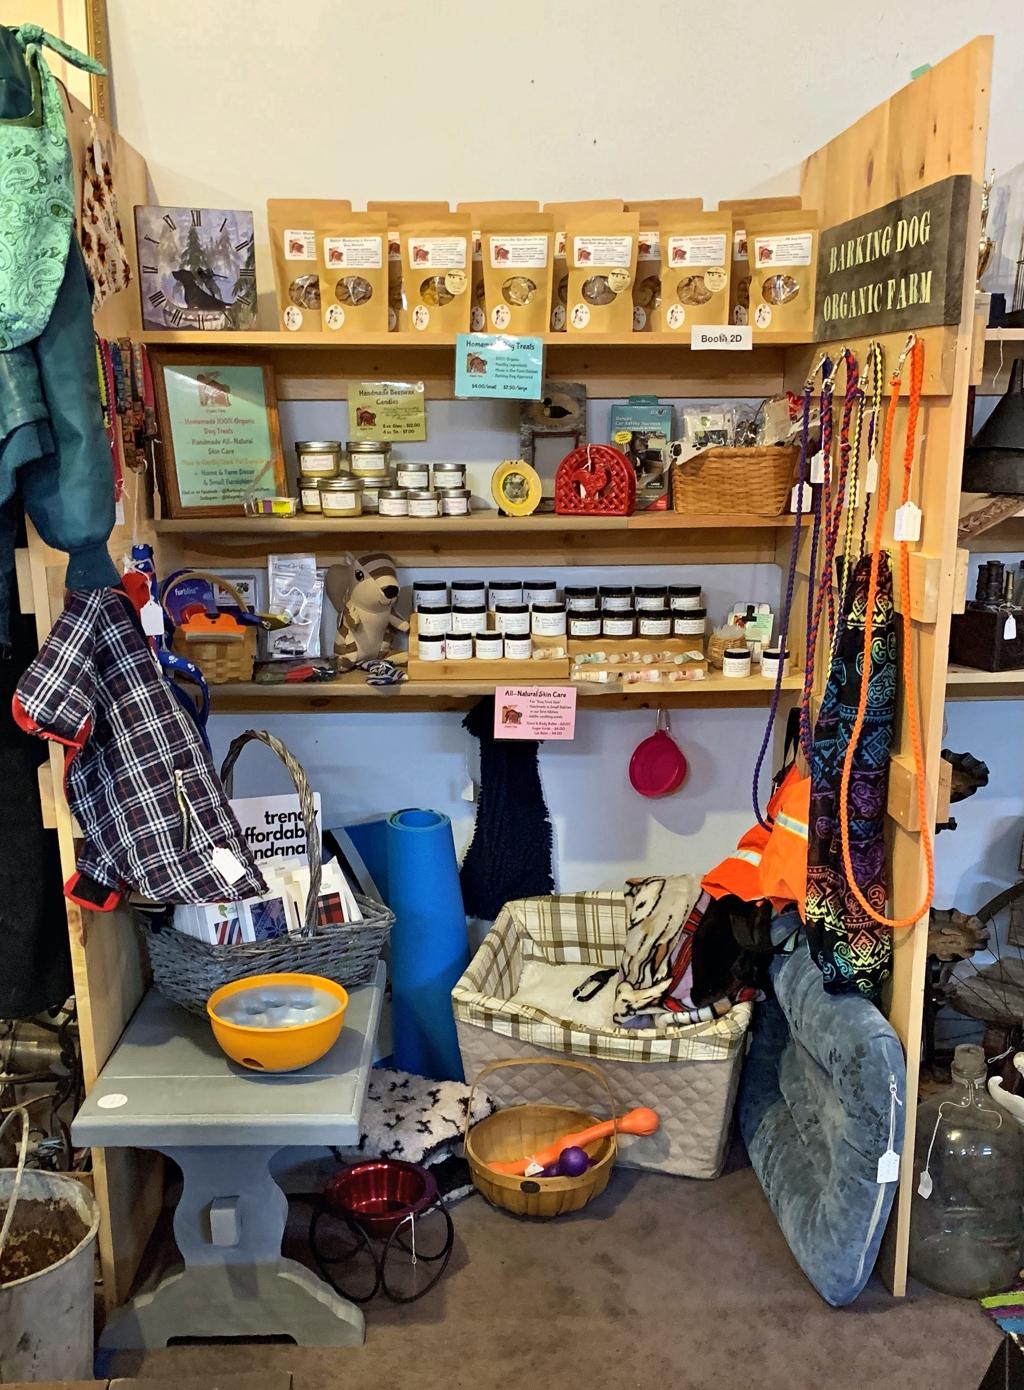 Barking Dog Organic Farm Shop